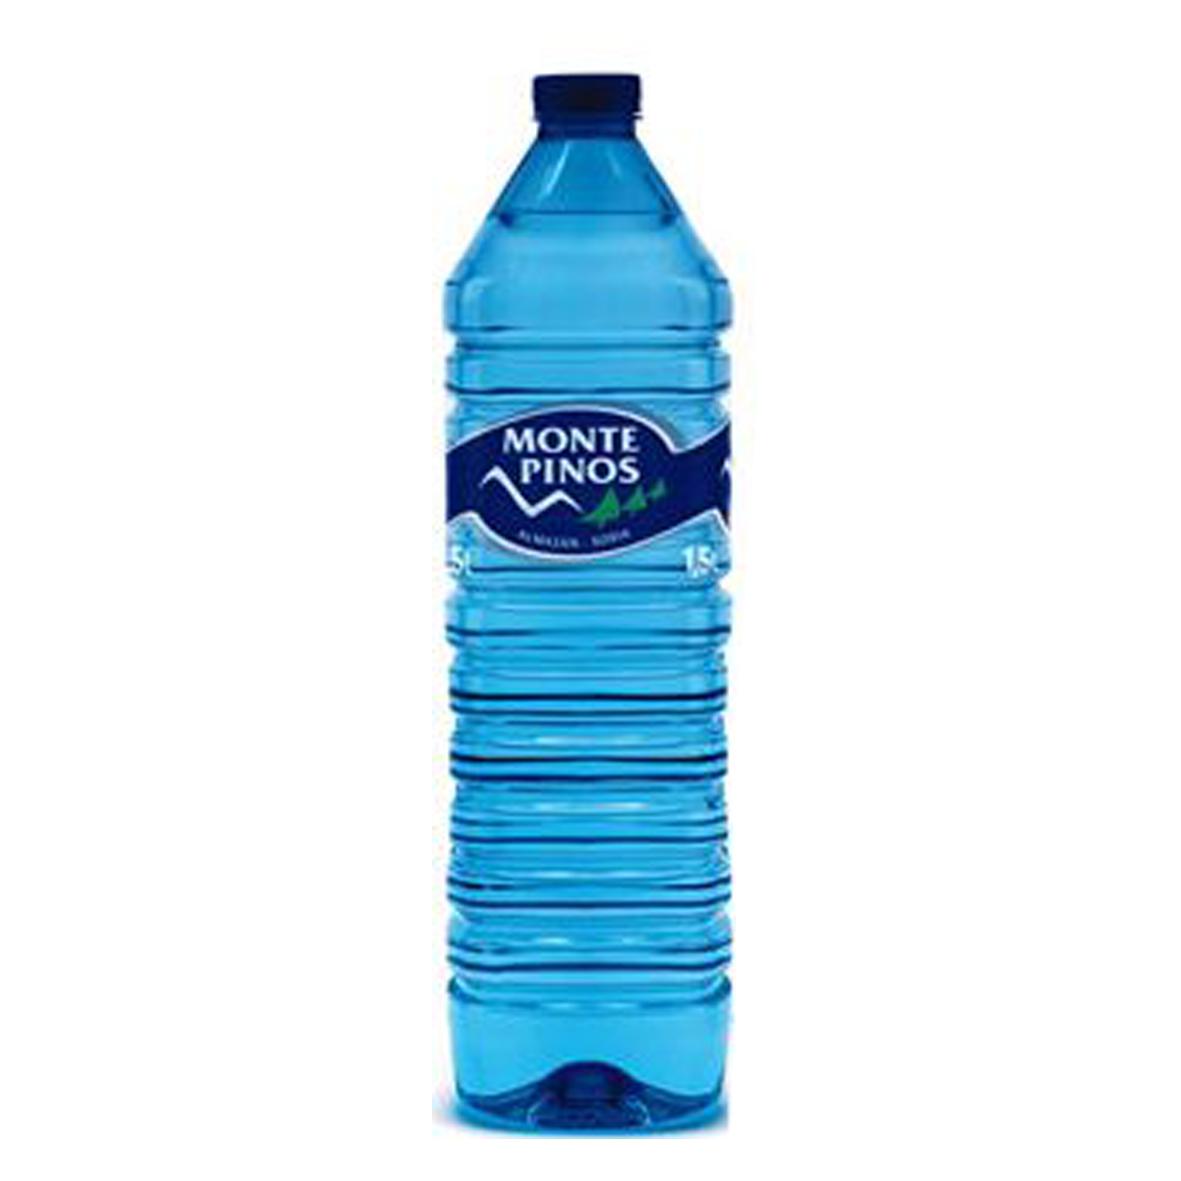 Monte pinos: eau minérale 1,5L